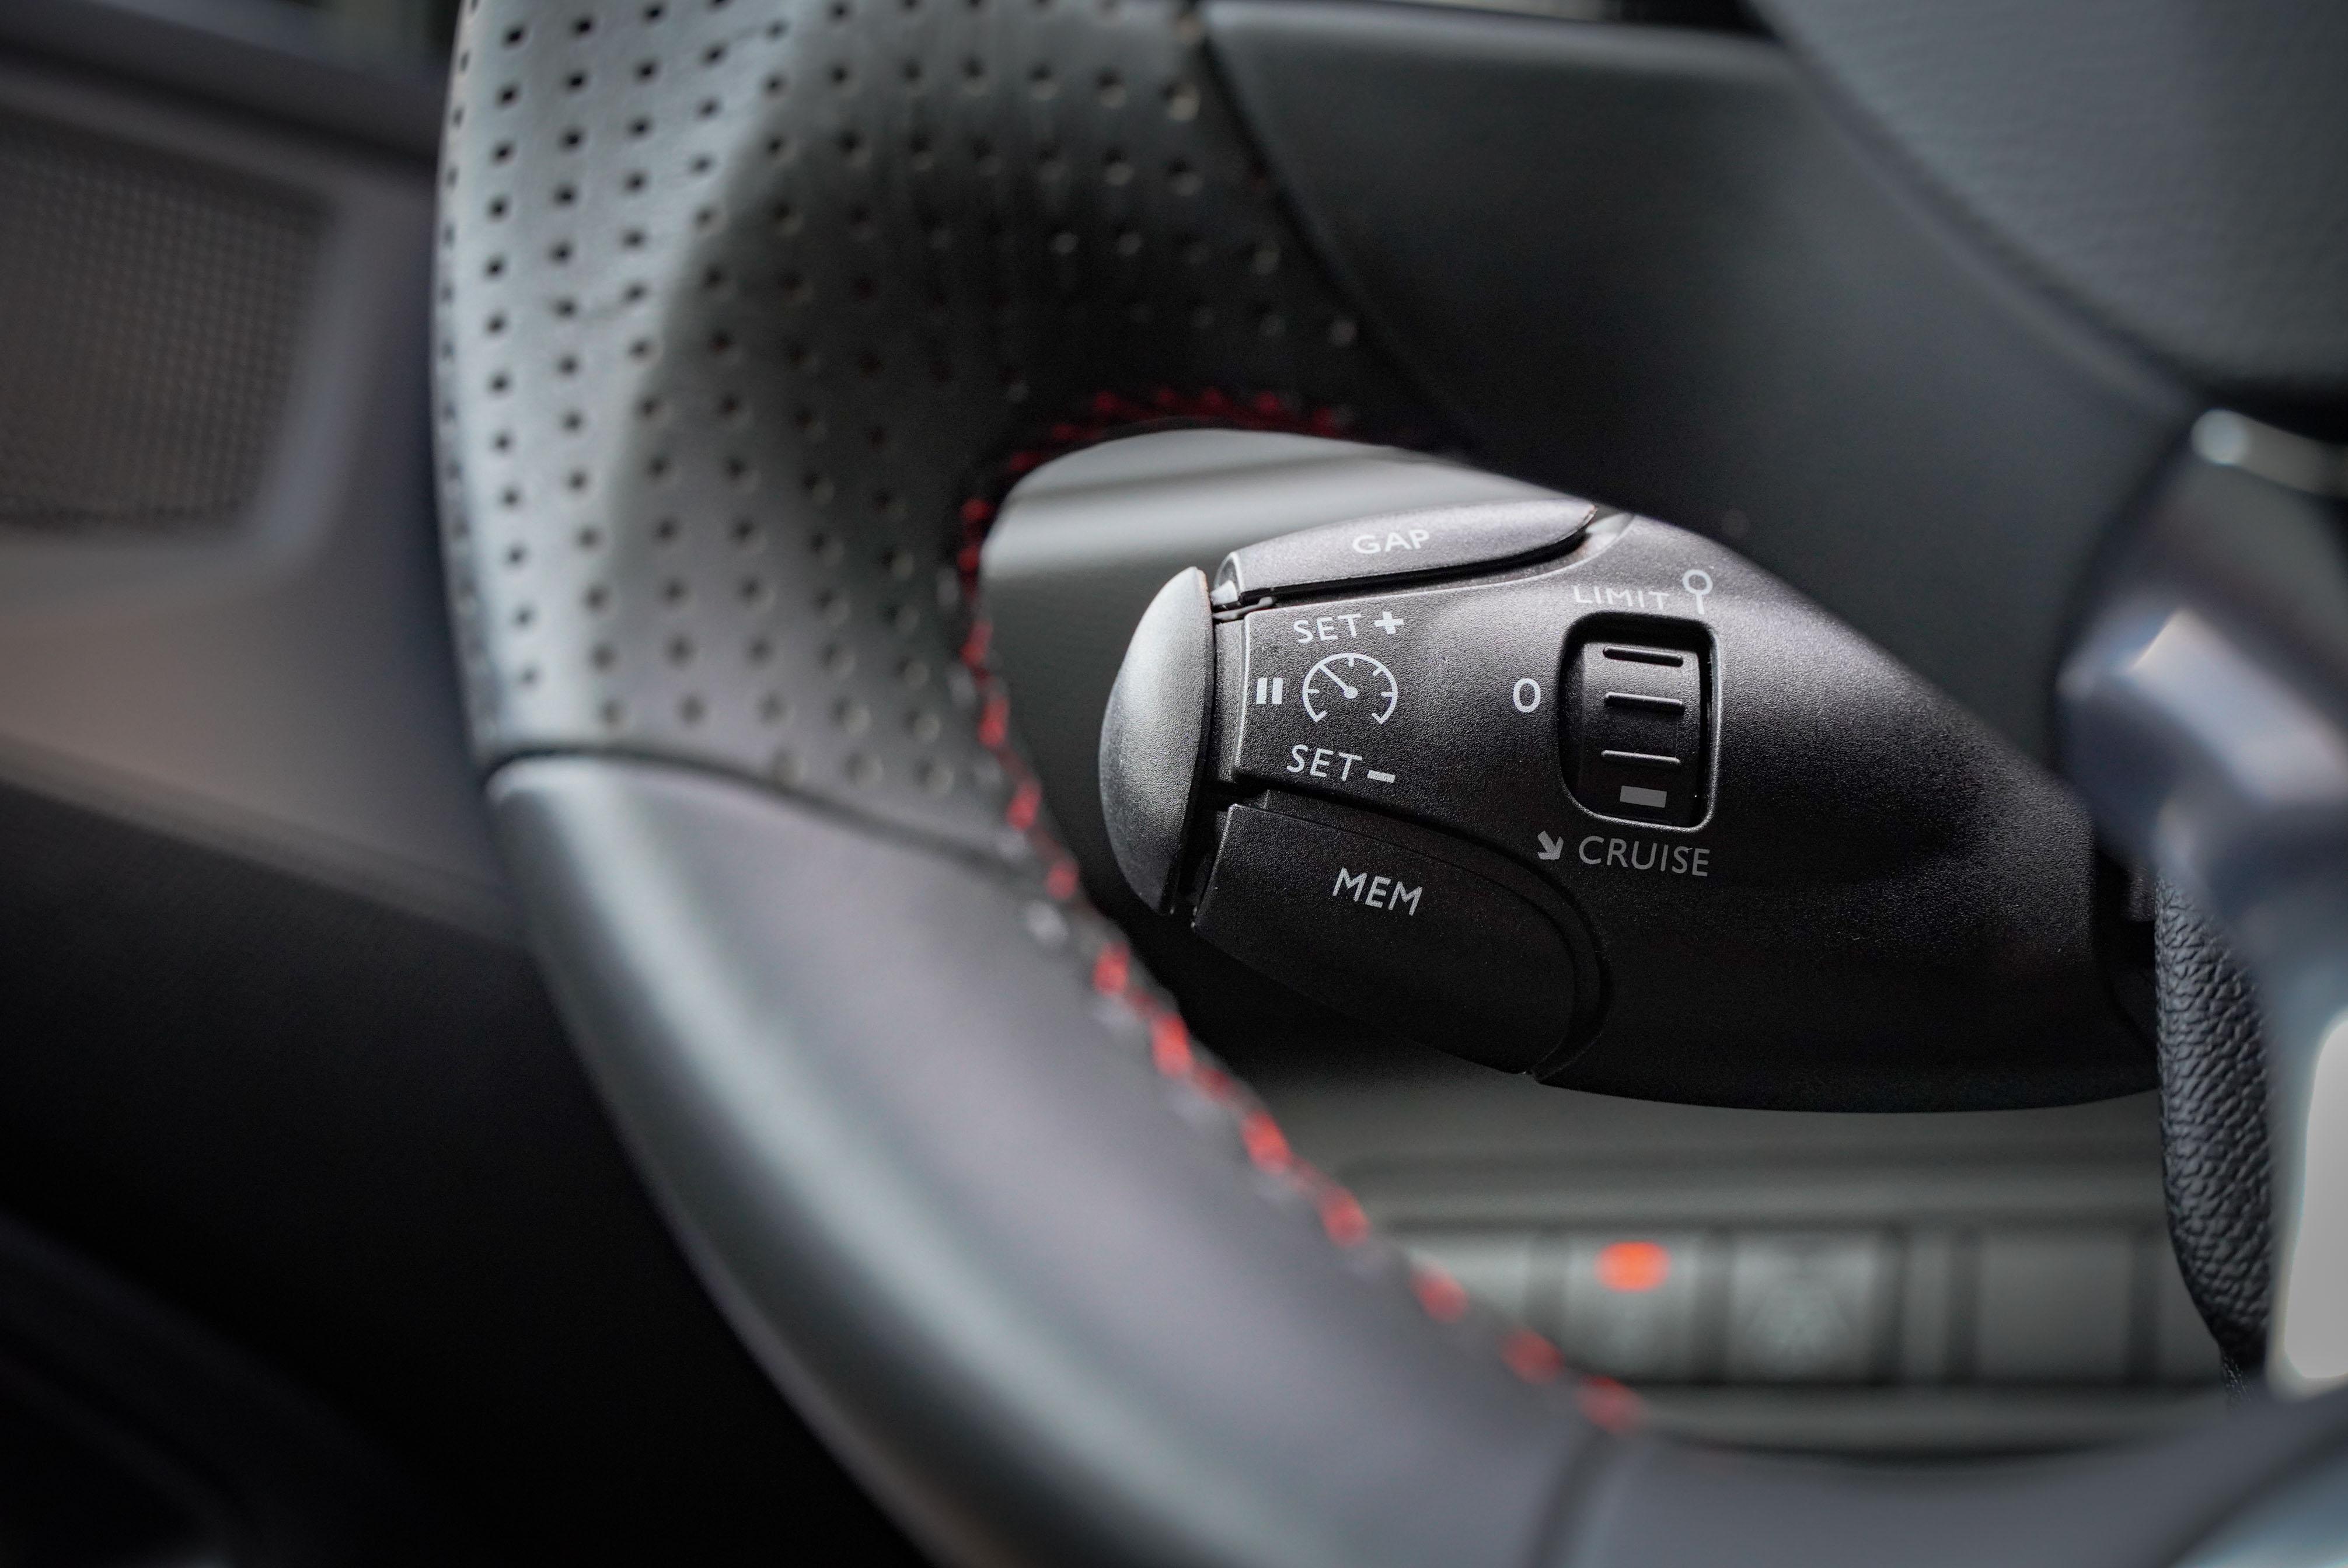 ACC 主動式定速巡航系統控制桿位於方向盤左後方。